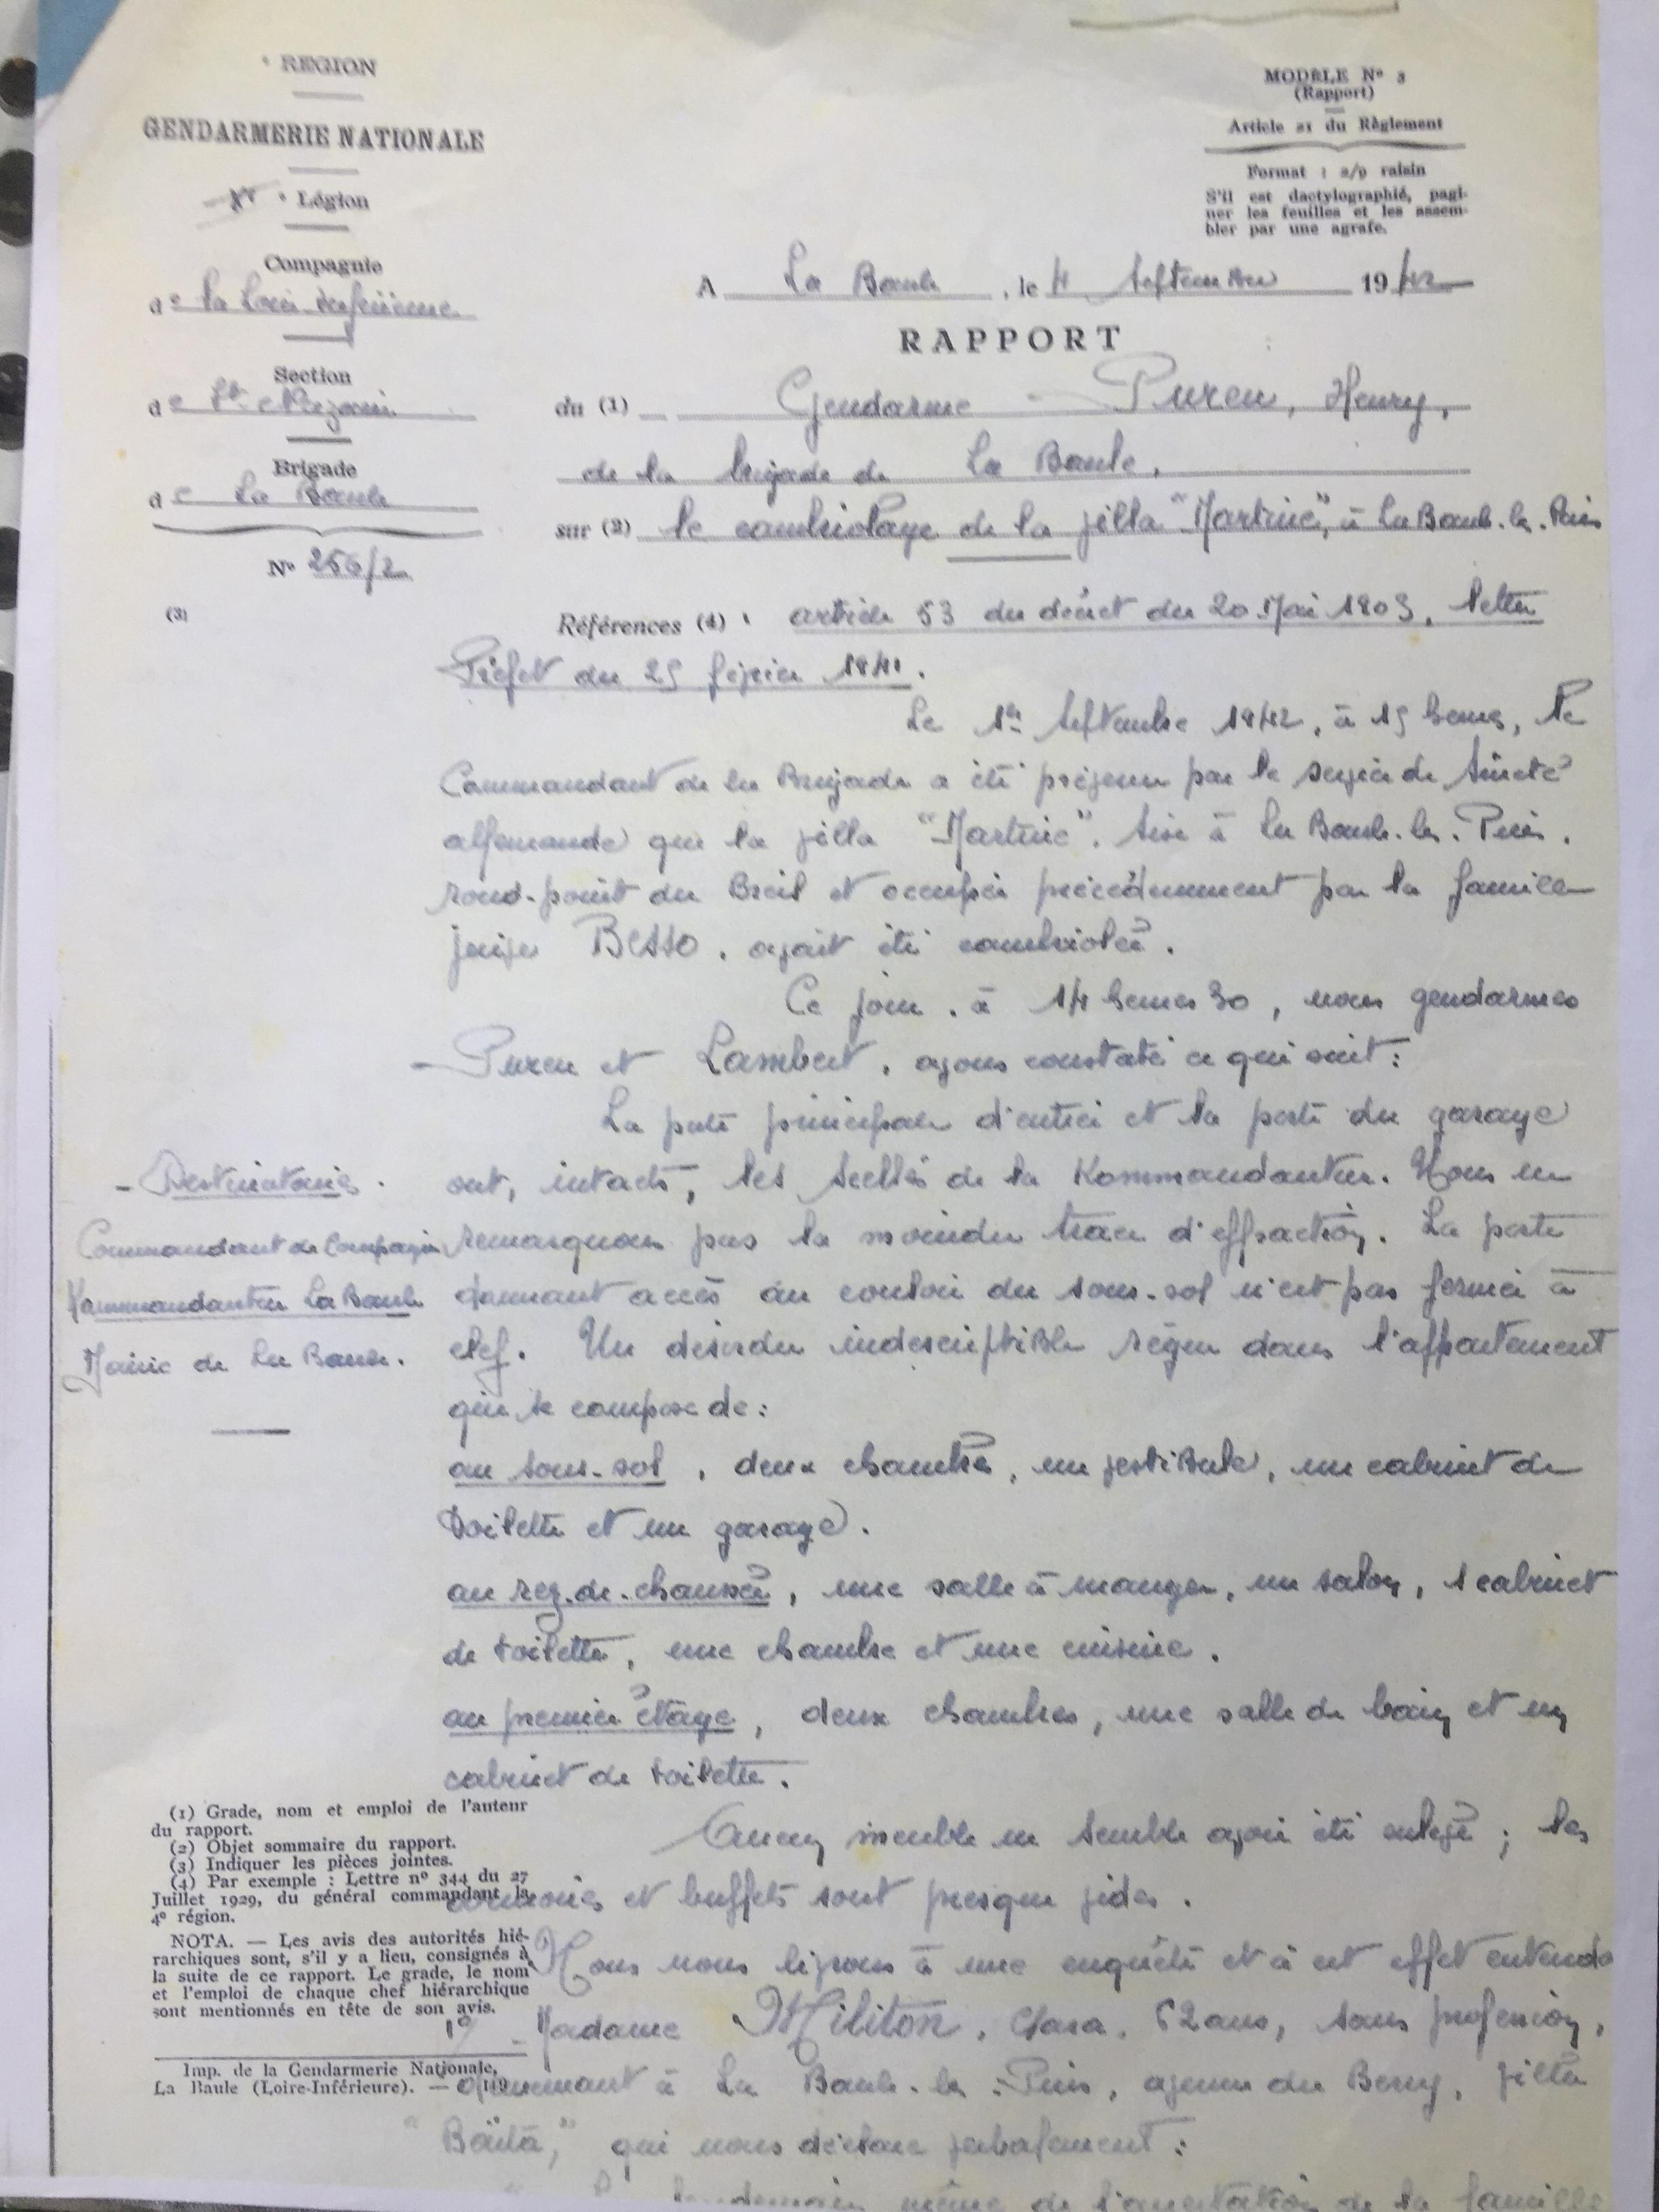 Rapport de Gendarmerie 04 septembre 1942 [Archives Municipales de La Baule]